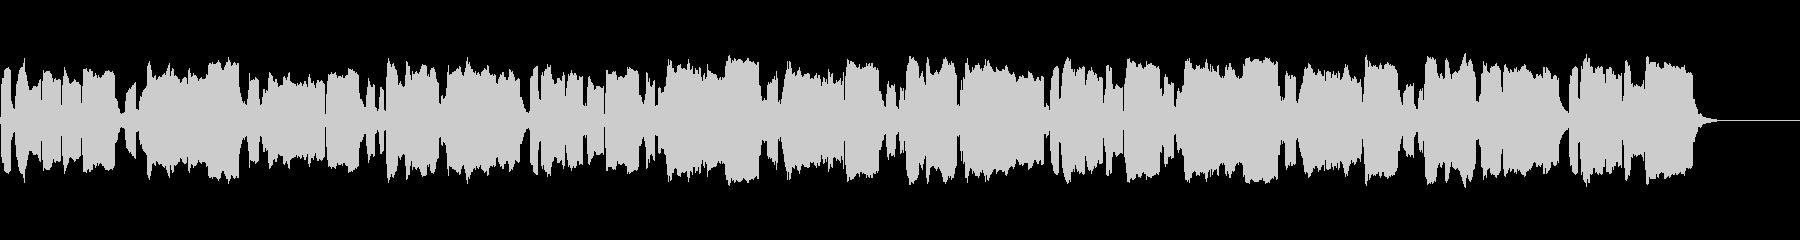 ハッピーバースデー【リコーダーアレンジ】の未再生の波形